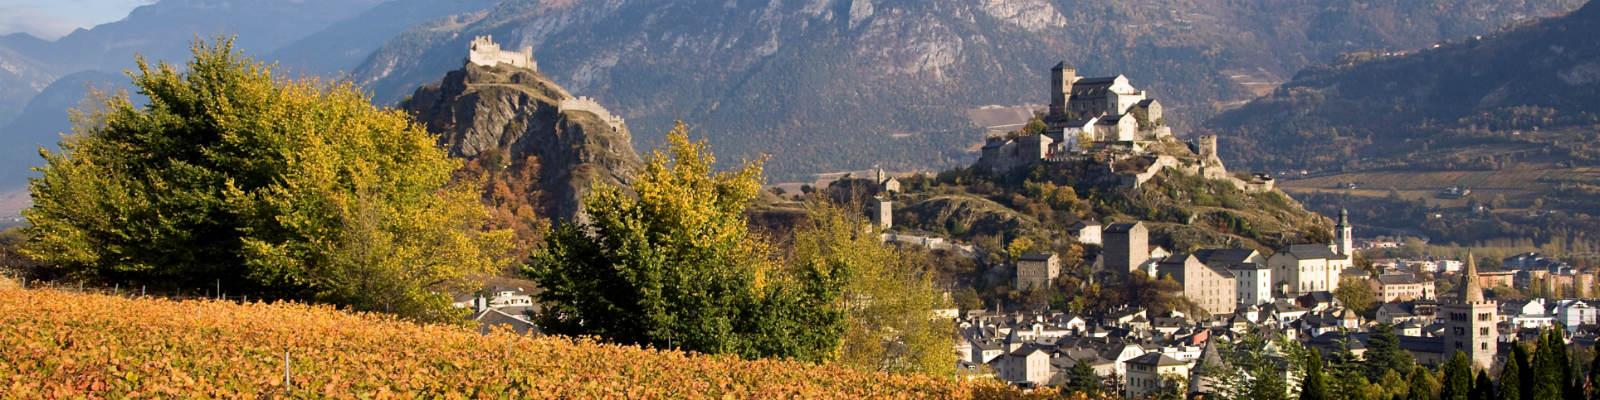 Vue_Chateaux_depuis_vignoble_automne@photogenic